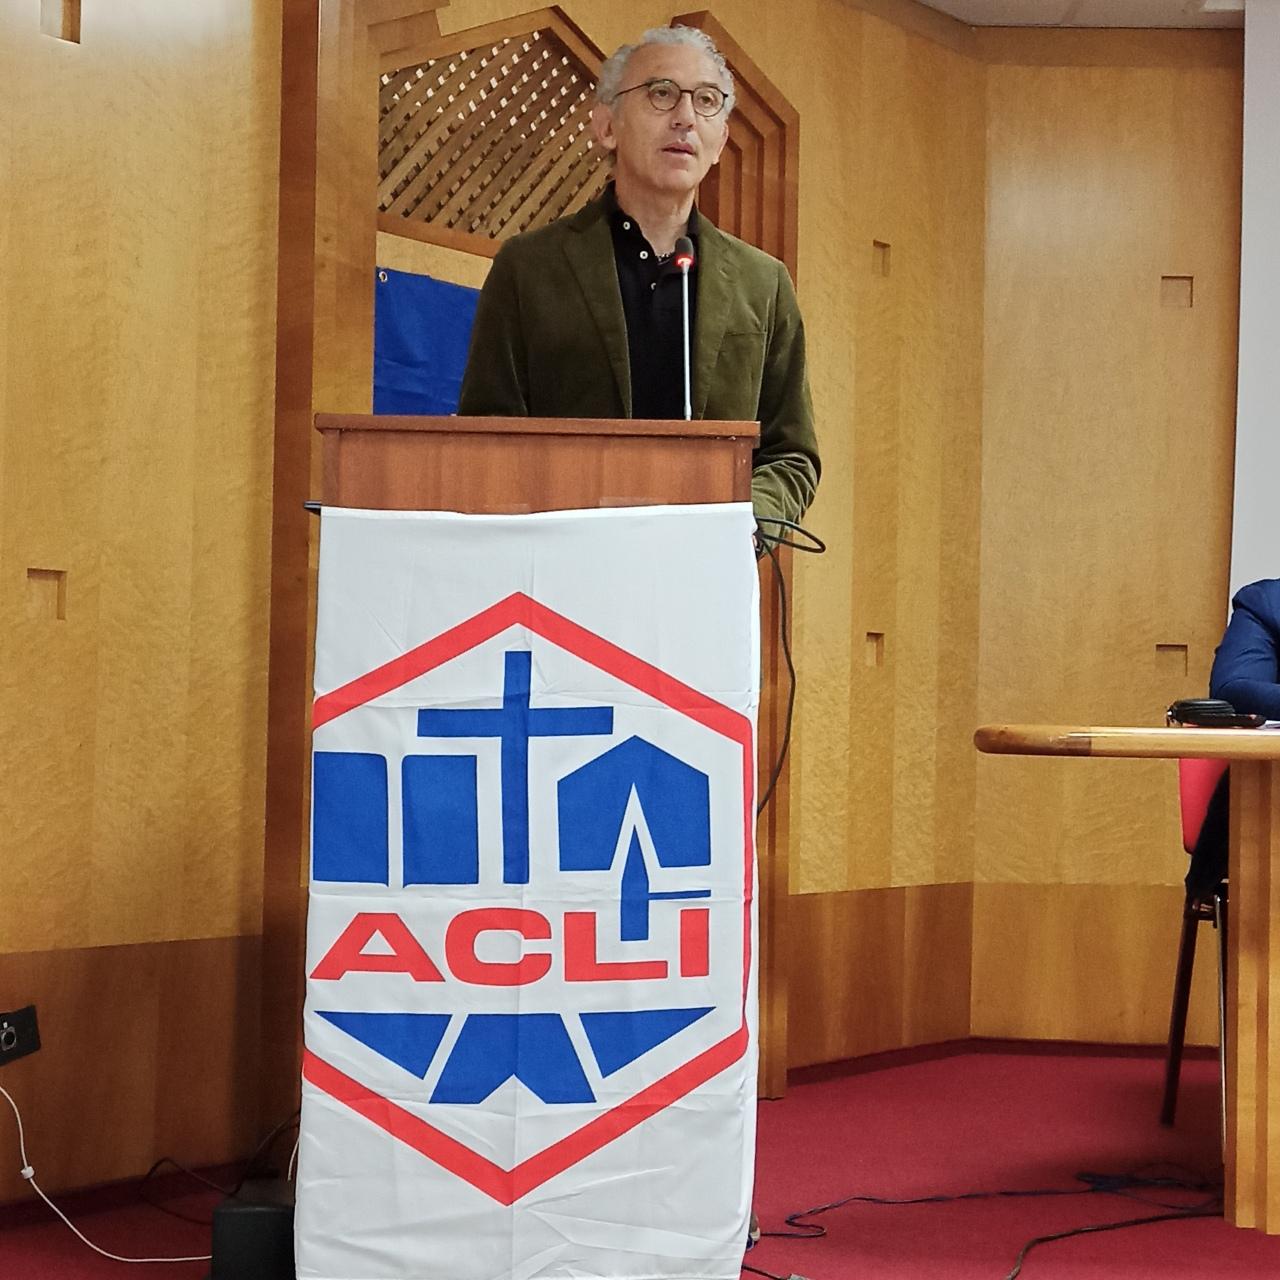 XXVII° Congresso Acli Latina: DamianoColetta